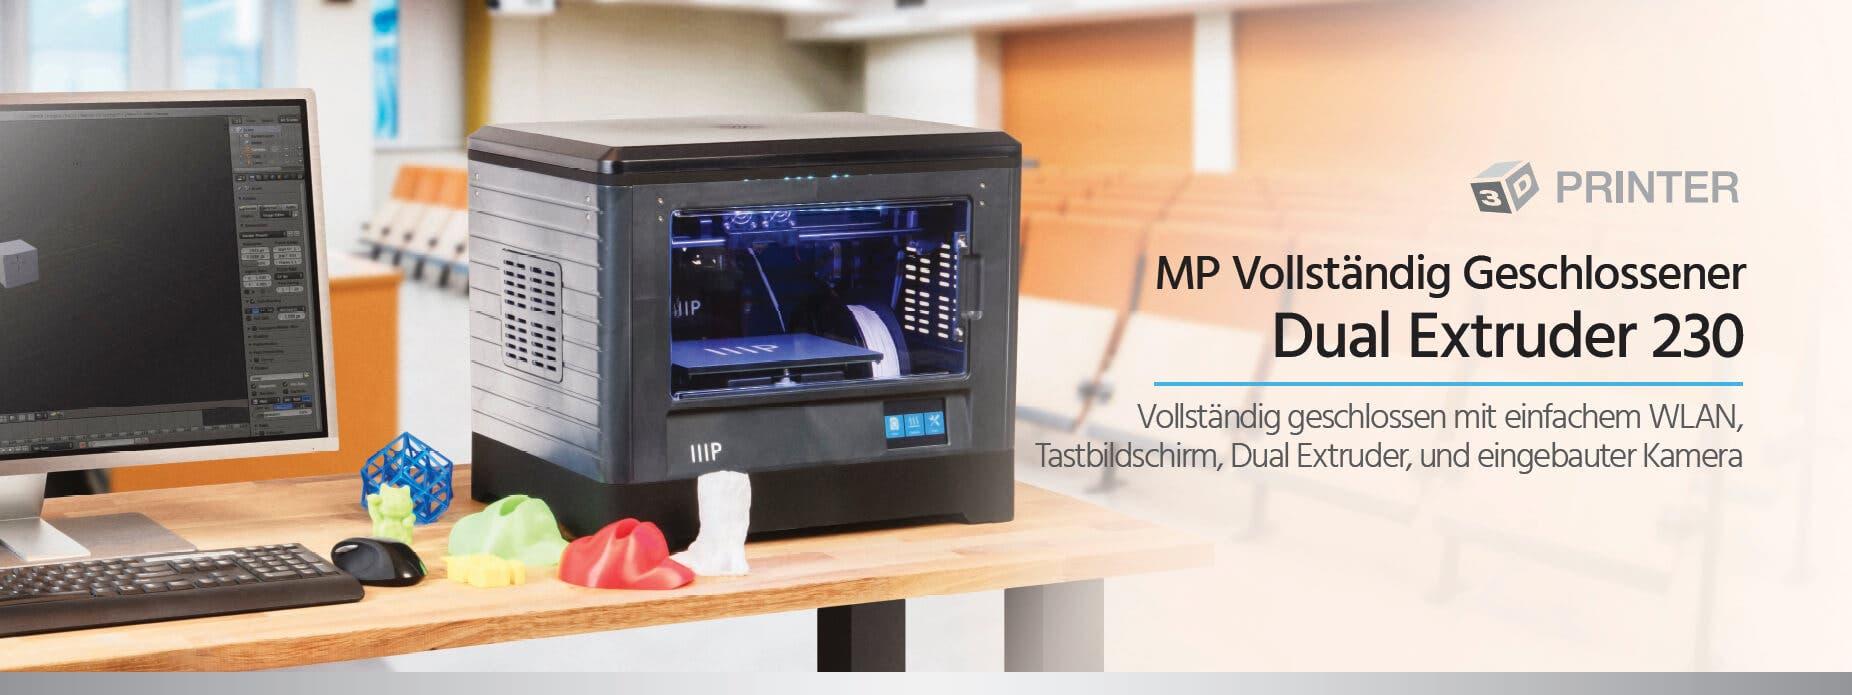 MP Vollständig Geschlossene Dual Extruder 230